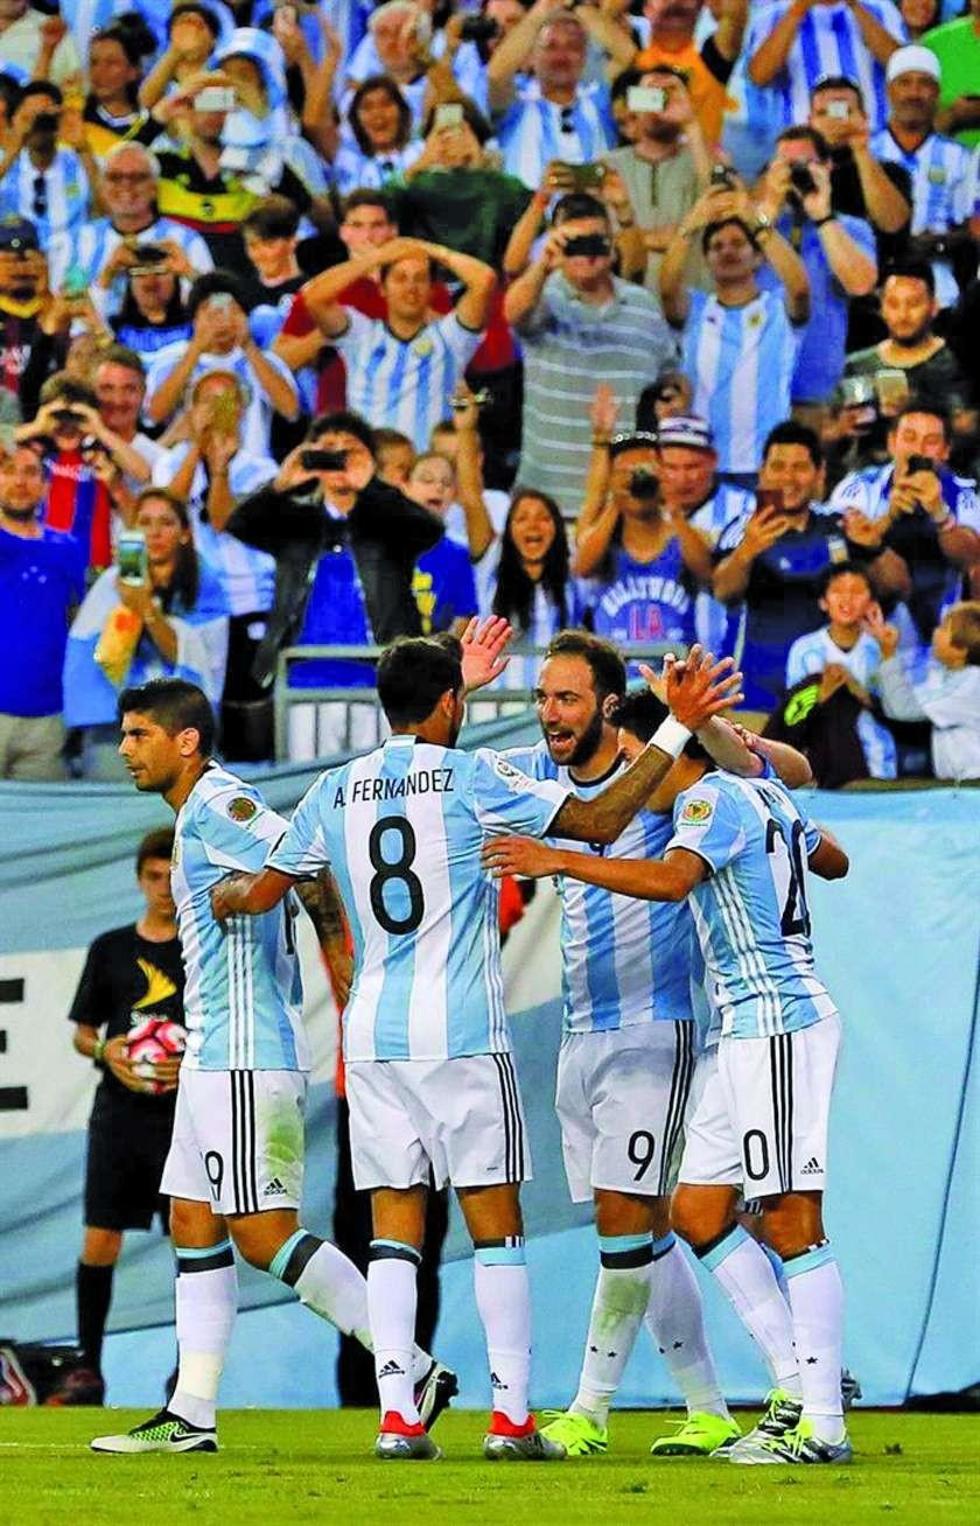 Los argentinos celebran tras anotar el tercer gol de su equipo